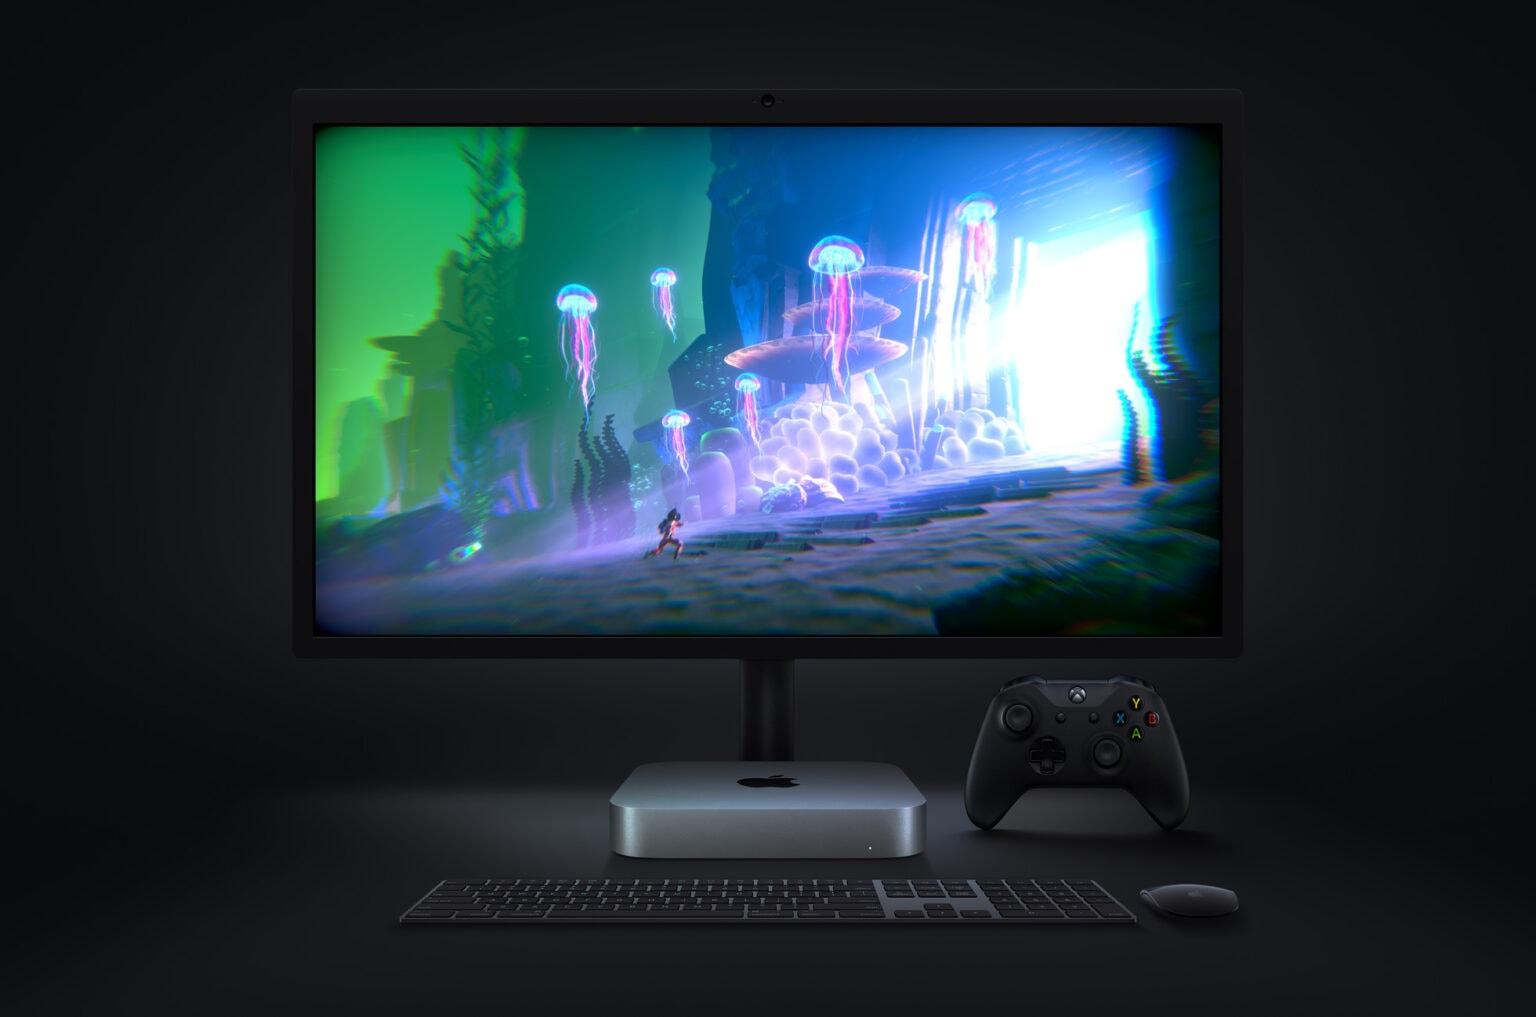 Nuevo minijuego M1 para Mac